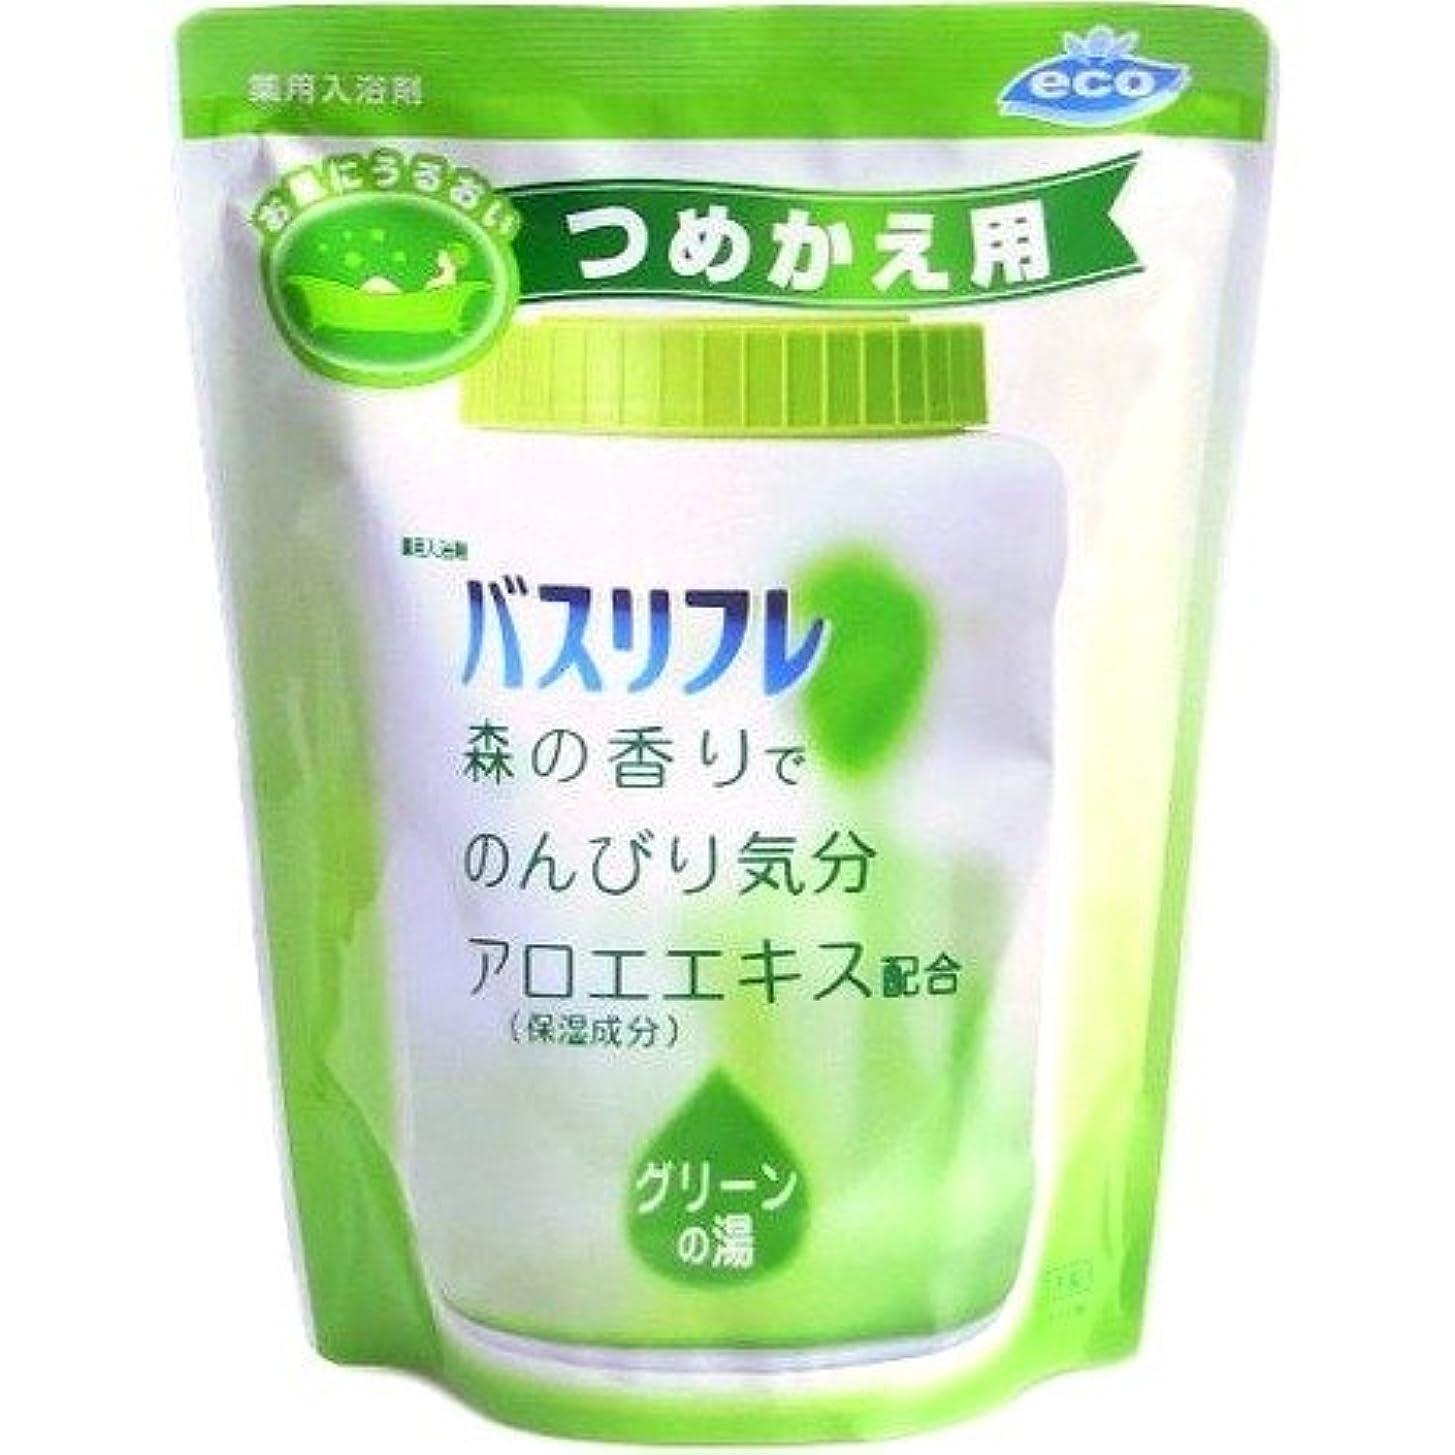 スチュアート島シーサイド成功する薬用入浴剤 バスリフレ グリーンの湯 つめかえ用 540g 森の香り (ライオンケミカル)